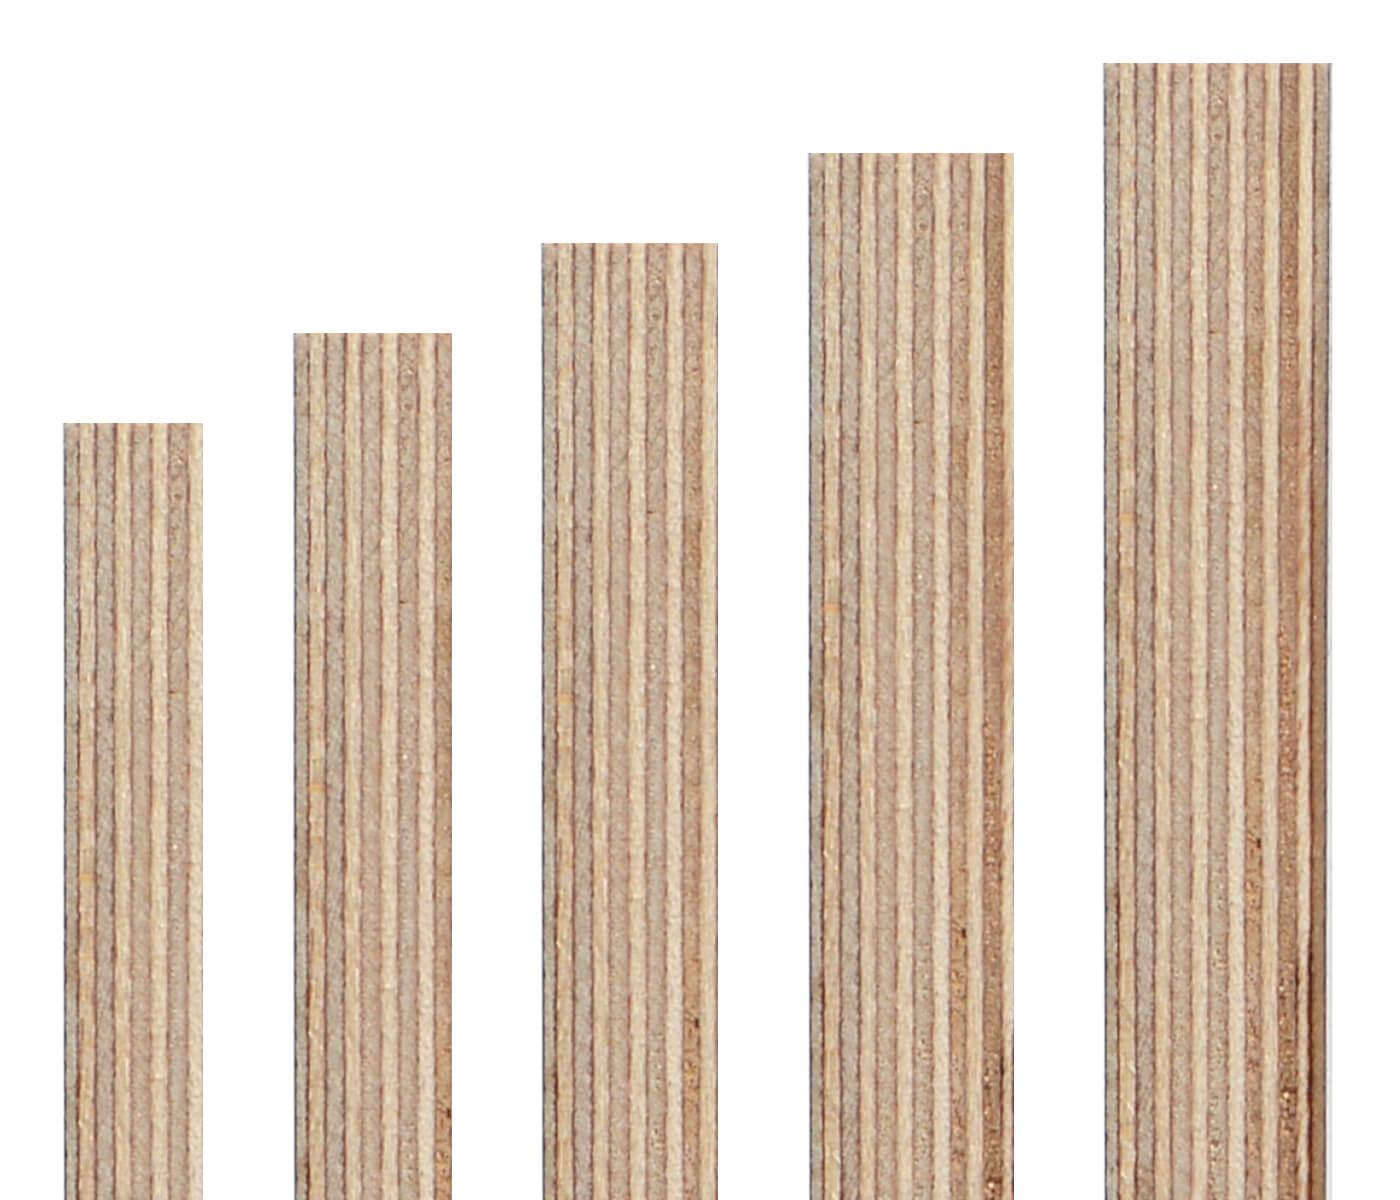 Sonderma/ße ! 30x60cm Zuschnitt auf Ma/ß 15mm starke Siebdruckplatten Multiplexplatten Holzplatten Tischplatten